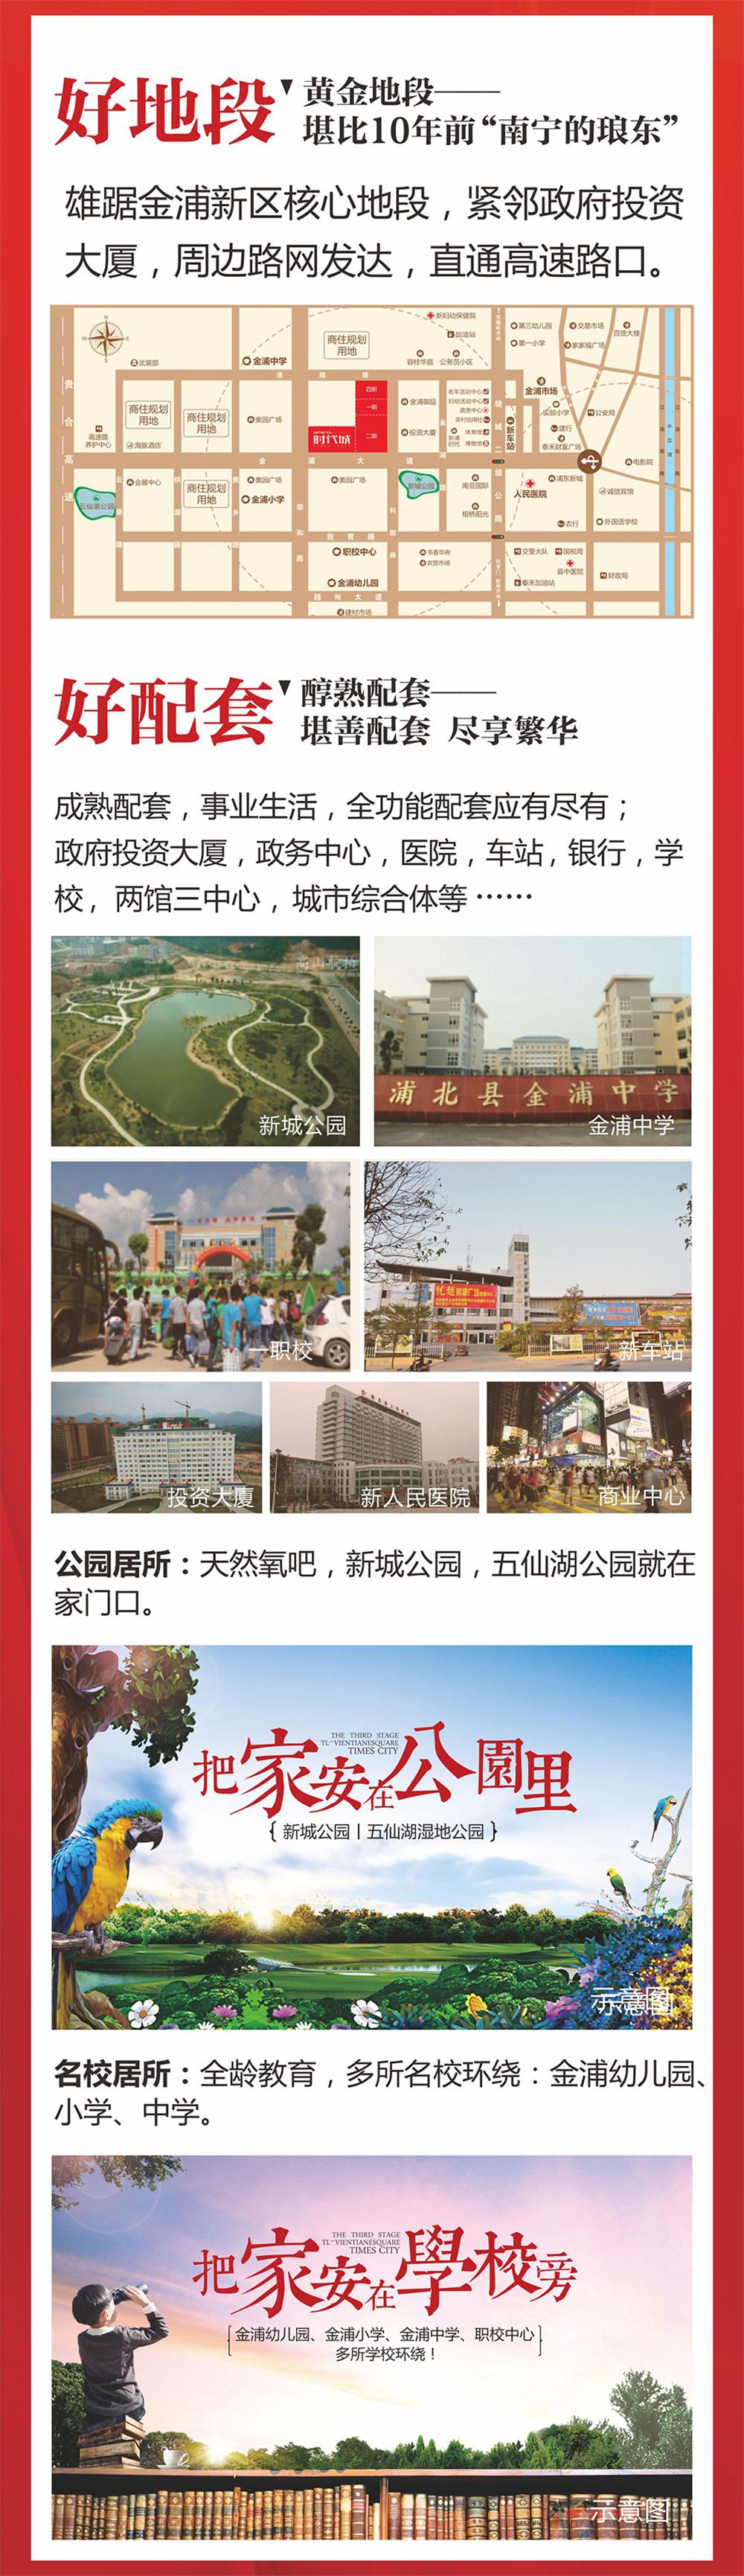 千人观摩获奖工程【天隆·时代城】